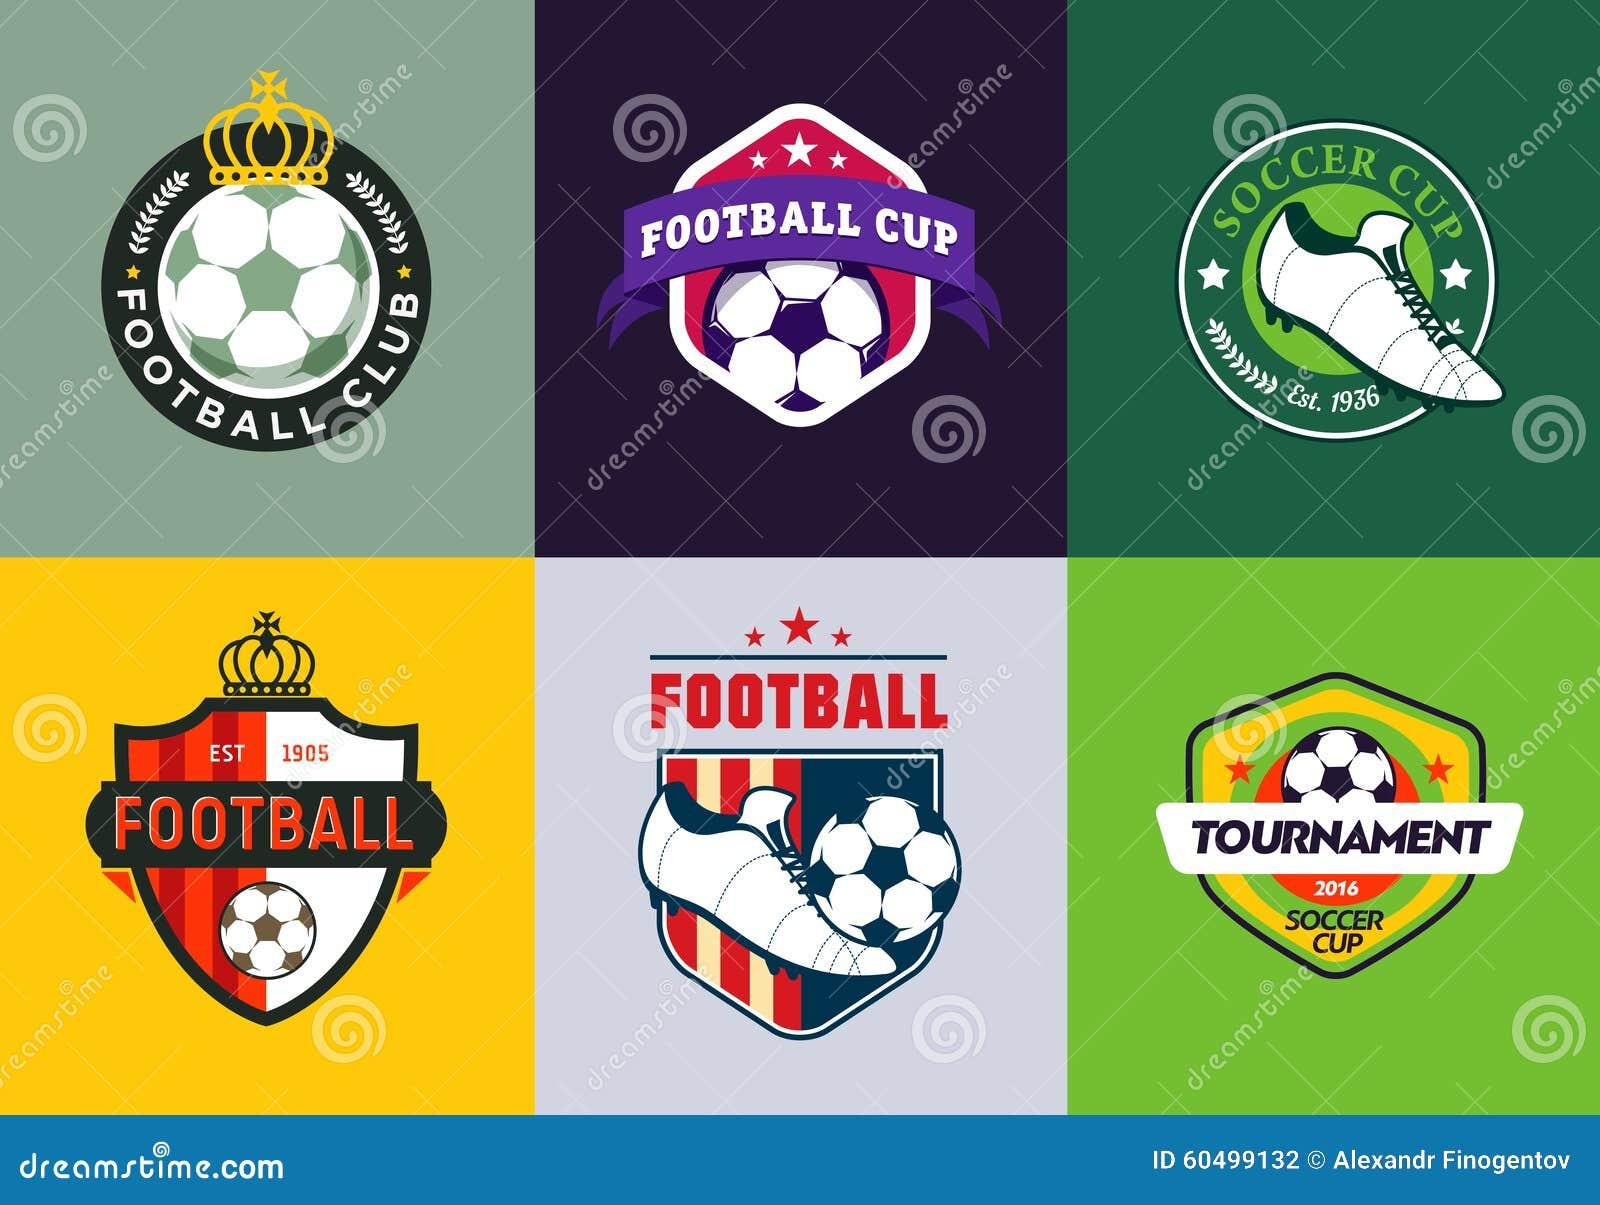 Как сделать футбольный логотип в фотошопе